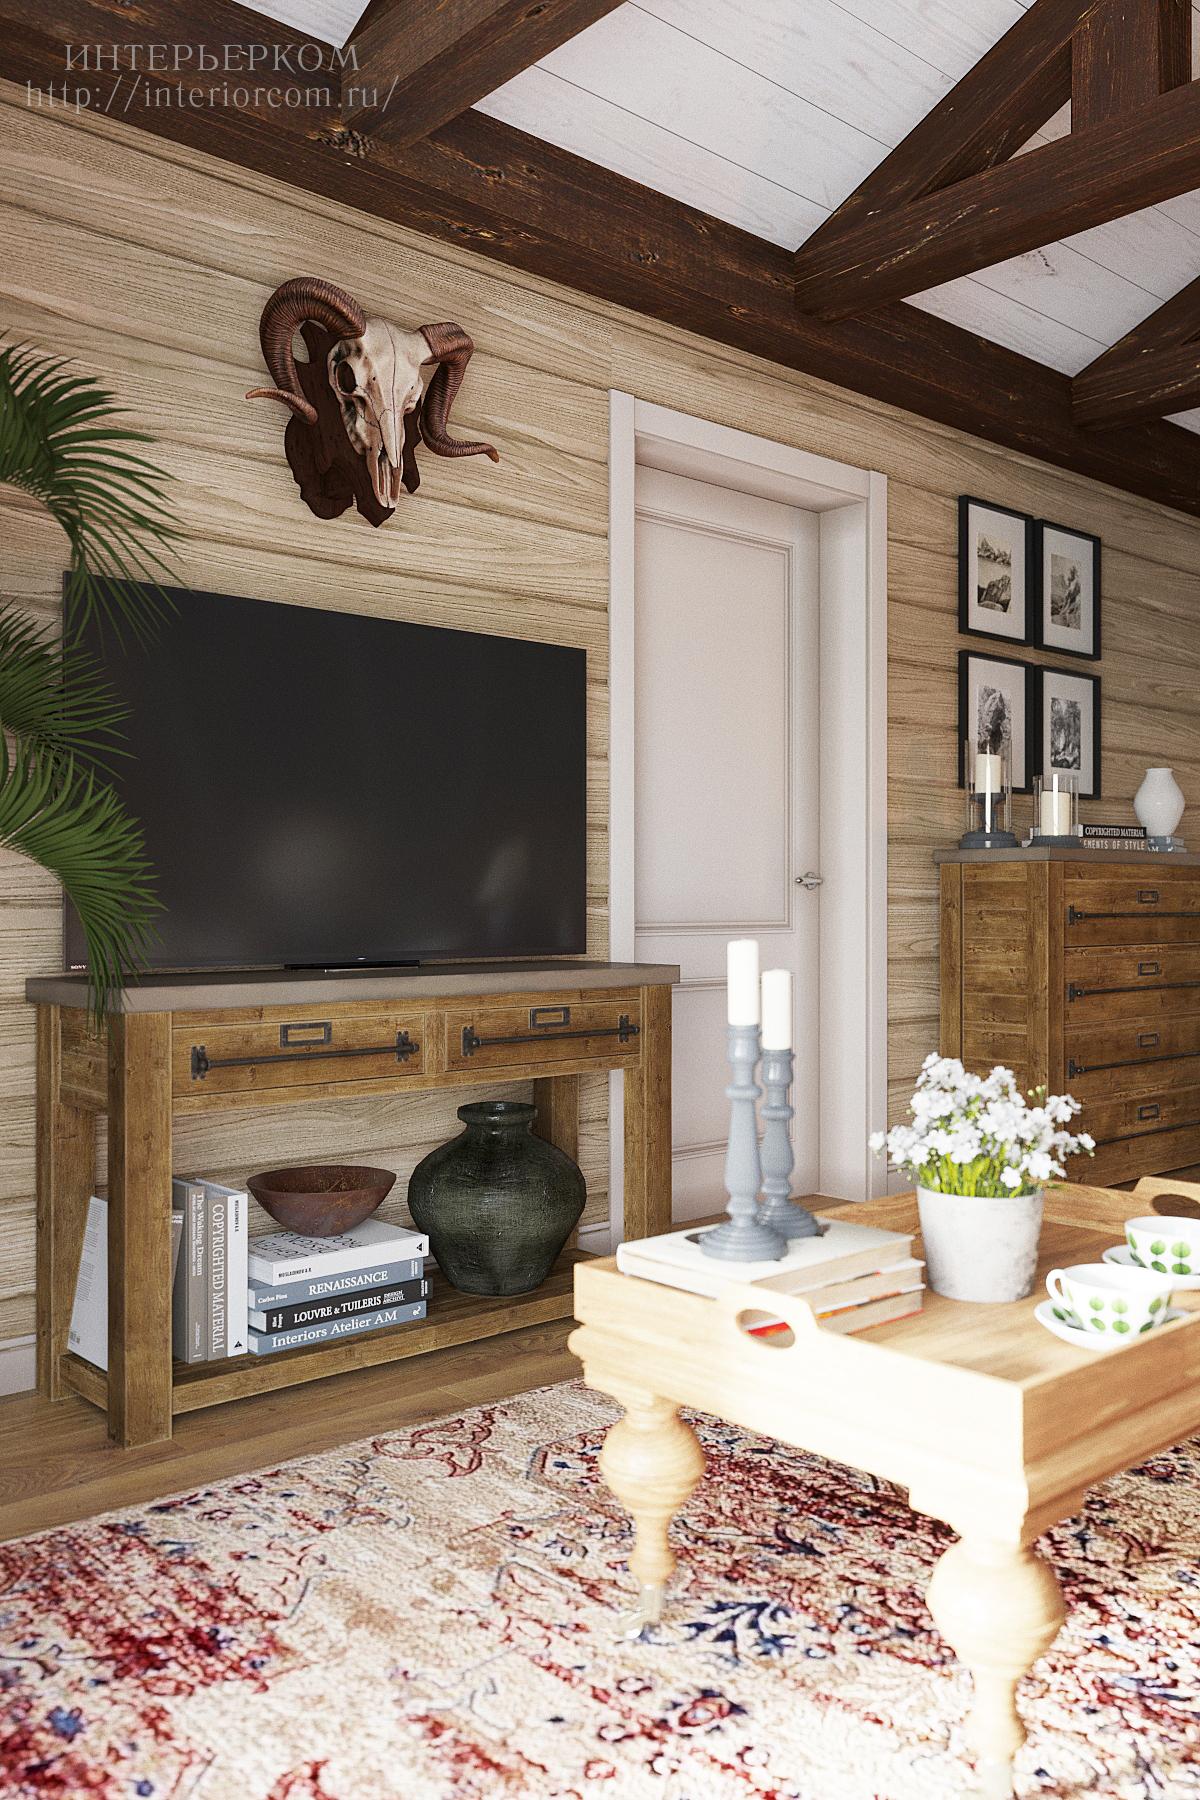 размещение телевизора в дизайн-проекте в стиле шале